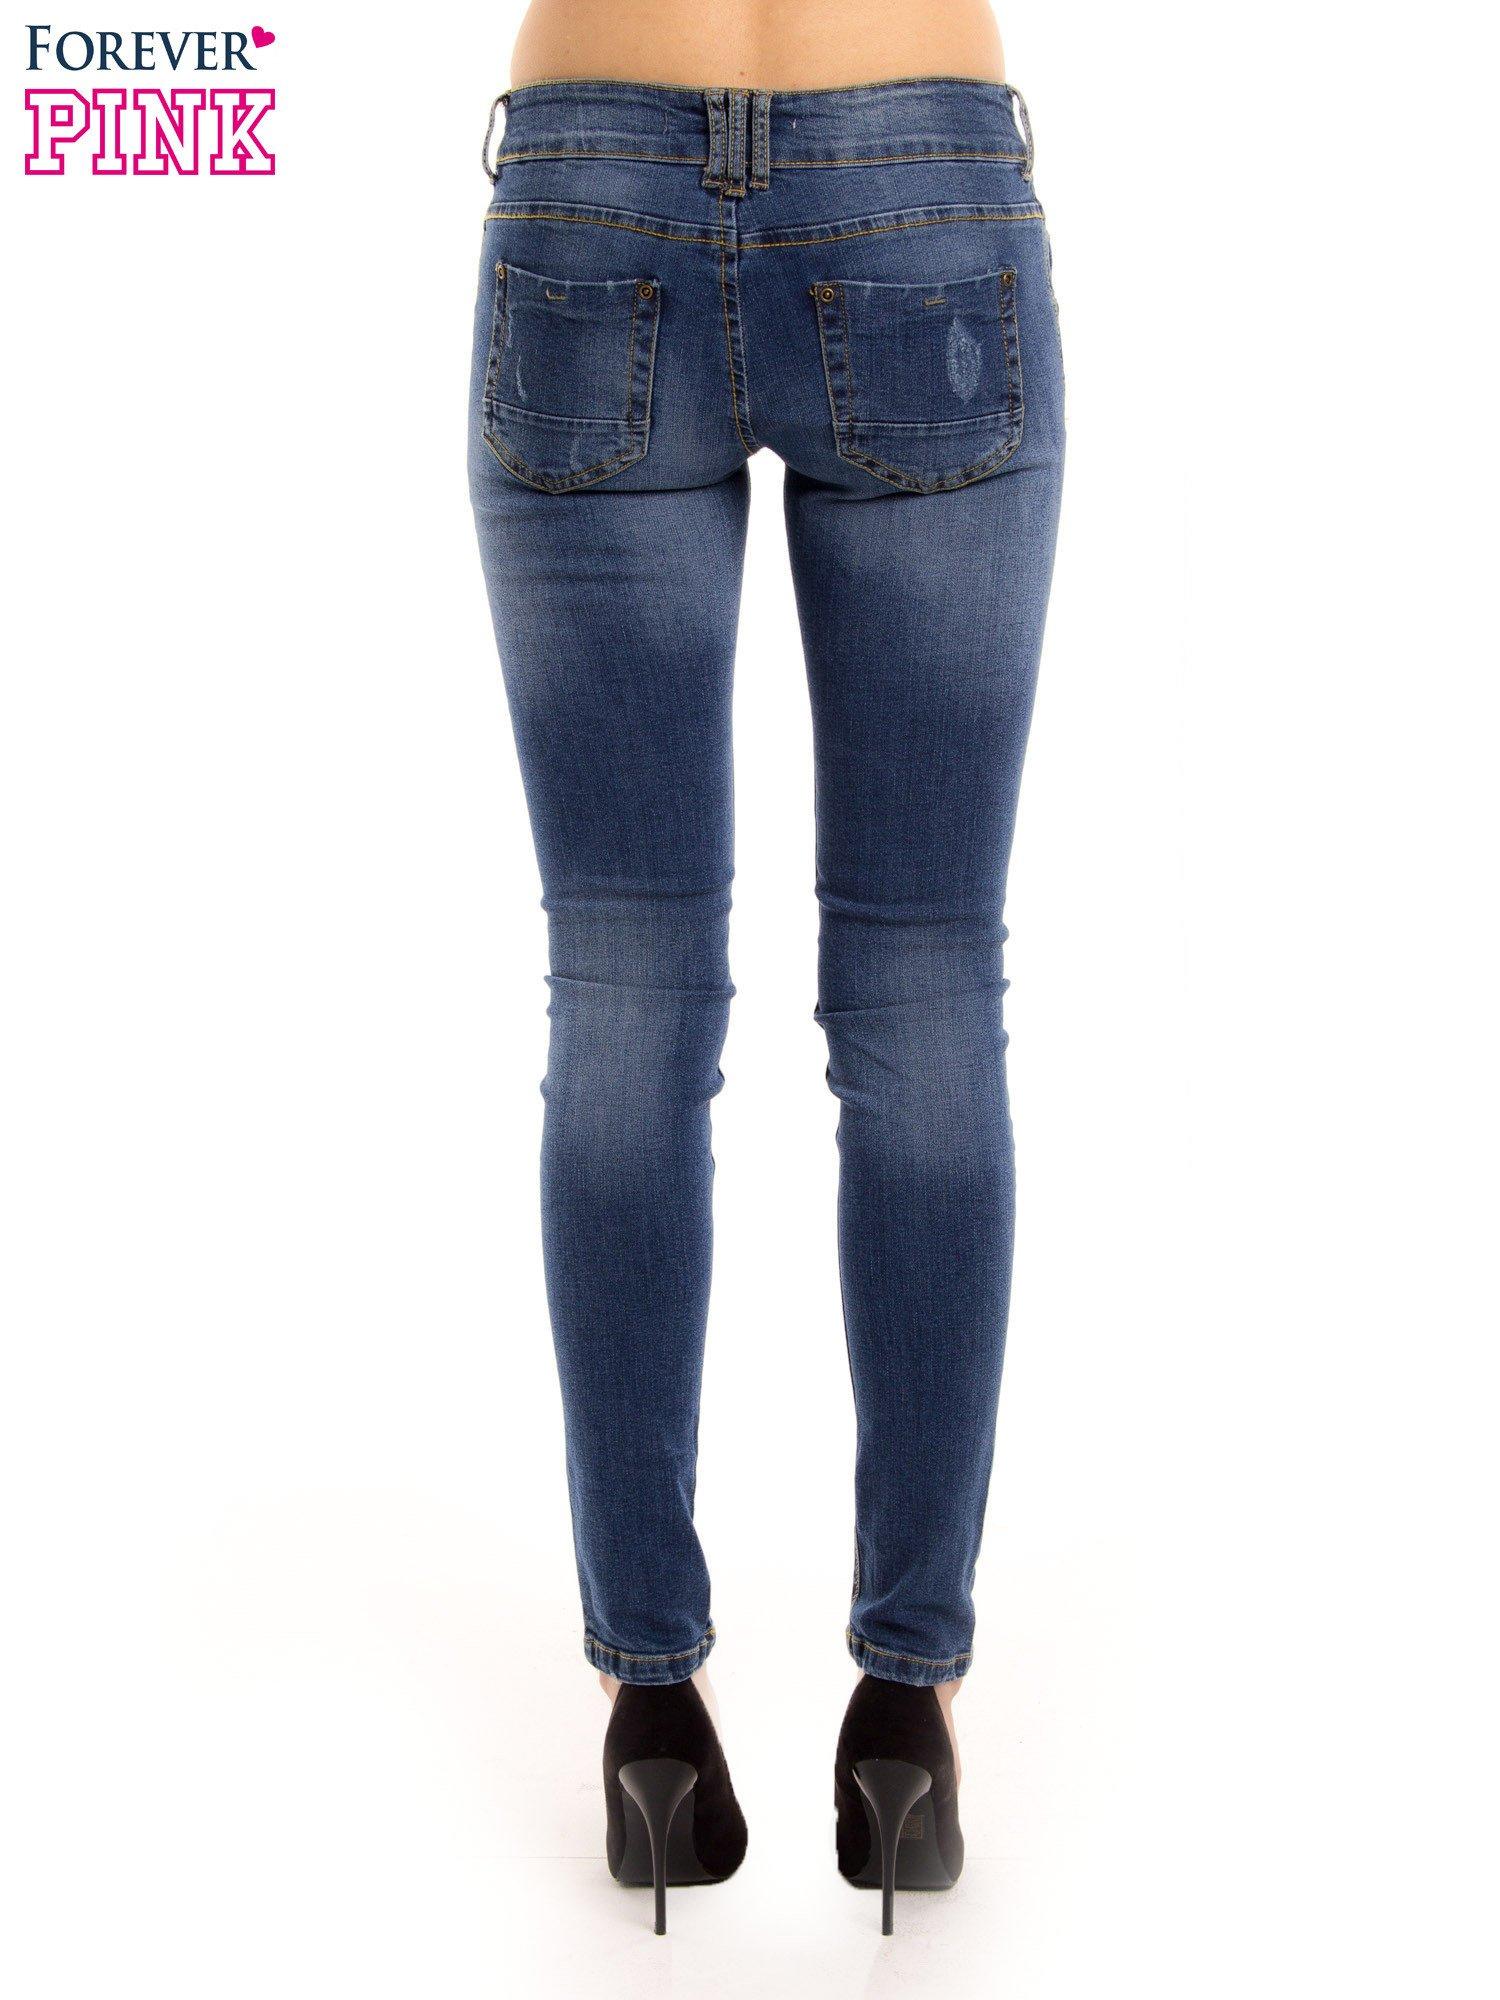 Ciemnieniebieskie jeansy biodrówki na dwa guziki                                  zdj.                                  4